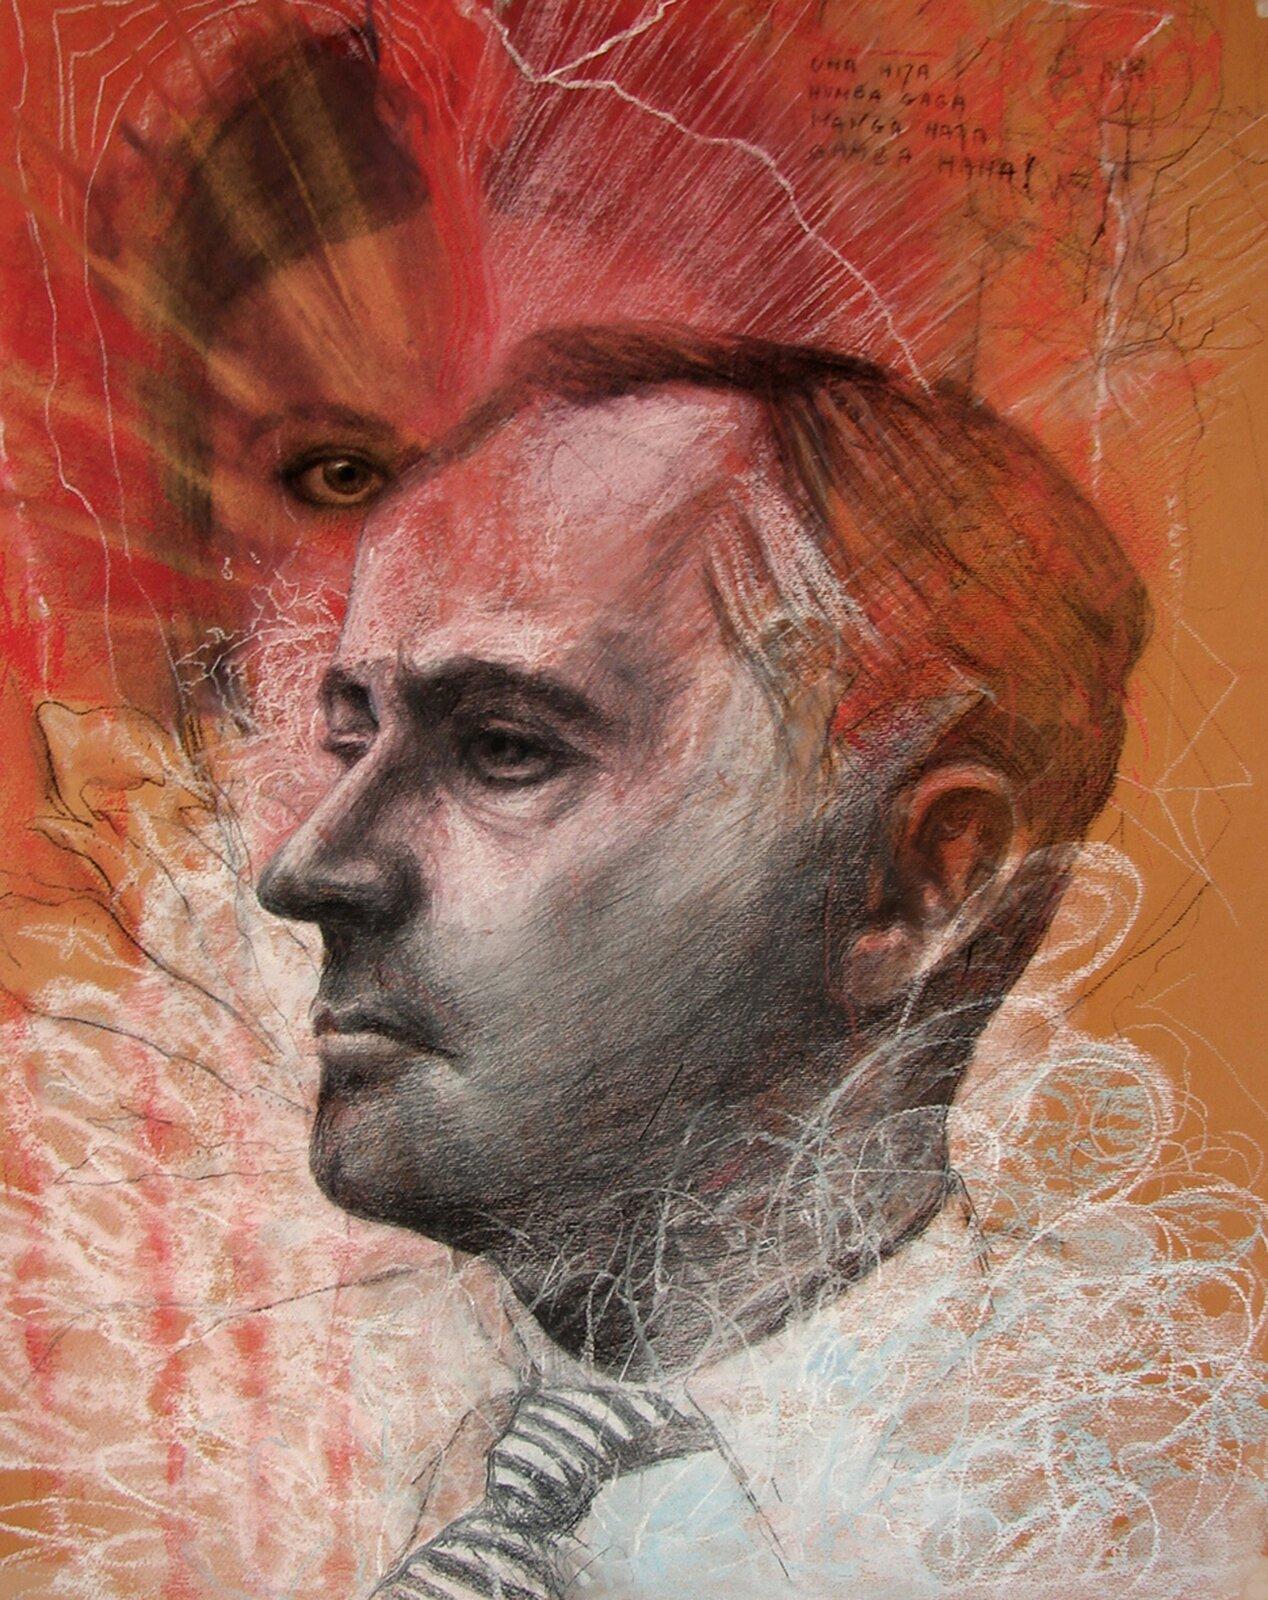 """Ilustracja przedstawia obraz """"Nienasycenie"""" autorstwa Ewy Bińczyk. Praca ukazuje portret Stanisława Ignacego Witkiewicza na ciepłym, pomarańczowym tle. Narysowana ołówkiem postać artysty uchwycona jest zprofilu. Pod szyją ma zawiązany krawat wdrobne, poziome pasy. Twarz, fragment włosów oraz koszula podrysowane są białą kredką. Za postacią Witkacego znajduje się fragment głowy kobiety zwidocznym prawym okiem oraz ciemnymi, gładkimi włosami. Górna część obrazu pełna jest czerwonych przetarć, które bijąc zportretu artysty przysłaniają kobietę. Dolna partia pracy wypełniona jest układającym się wpętle, biało-błękitnym rysunkiem miękko okalającym głowę postaci. Łączący wsobie techniki pasteli iołówka obraz utrzymany jest wciepłej, żółto-czerwone gamie barwnej."""